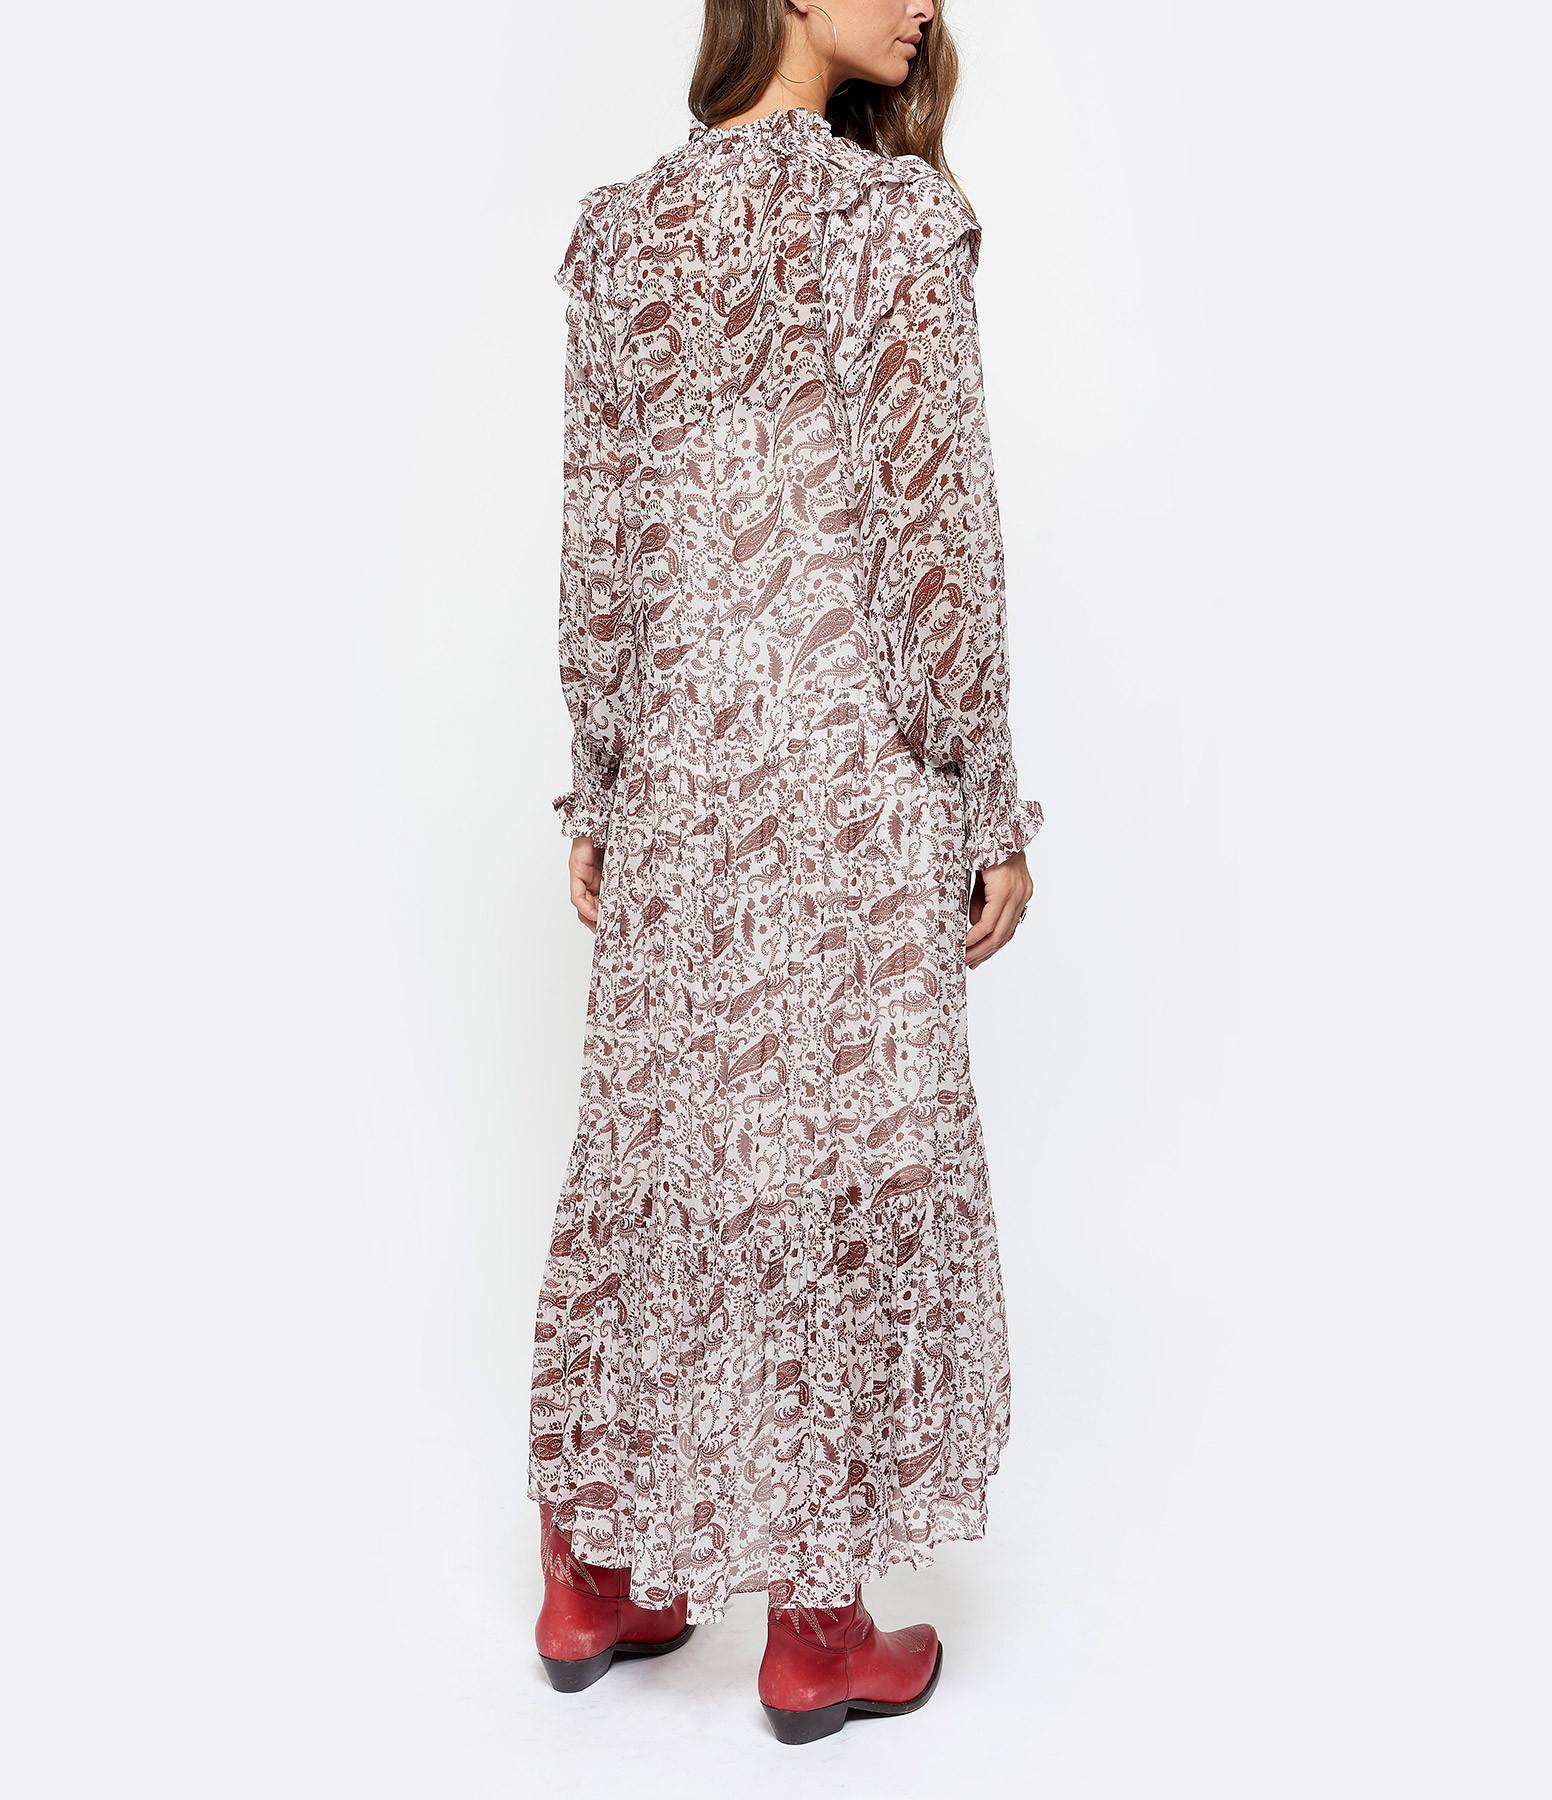 MAGALI PASCAL - Robe Longue Daria Paisley Rouge